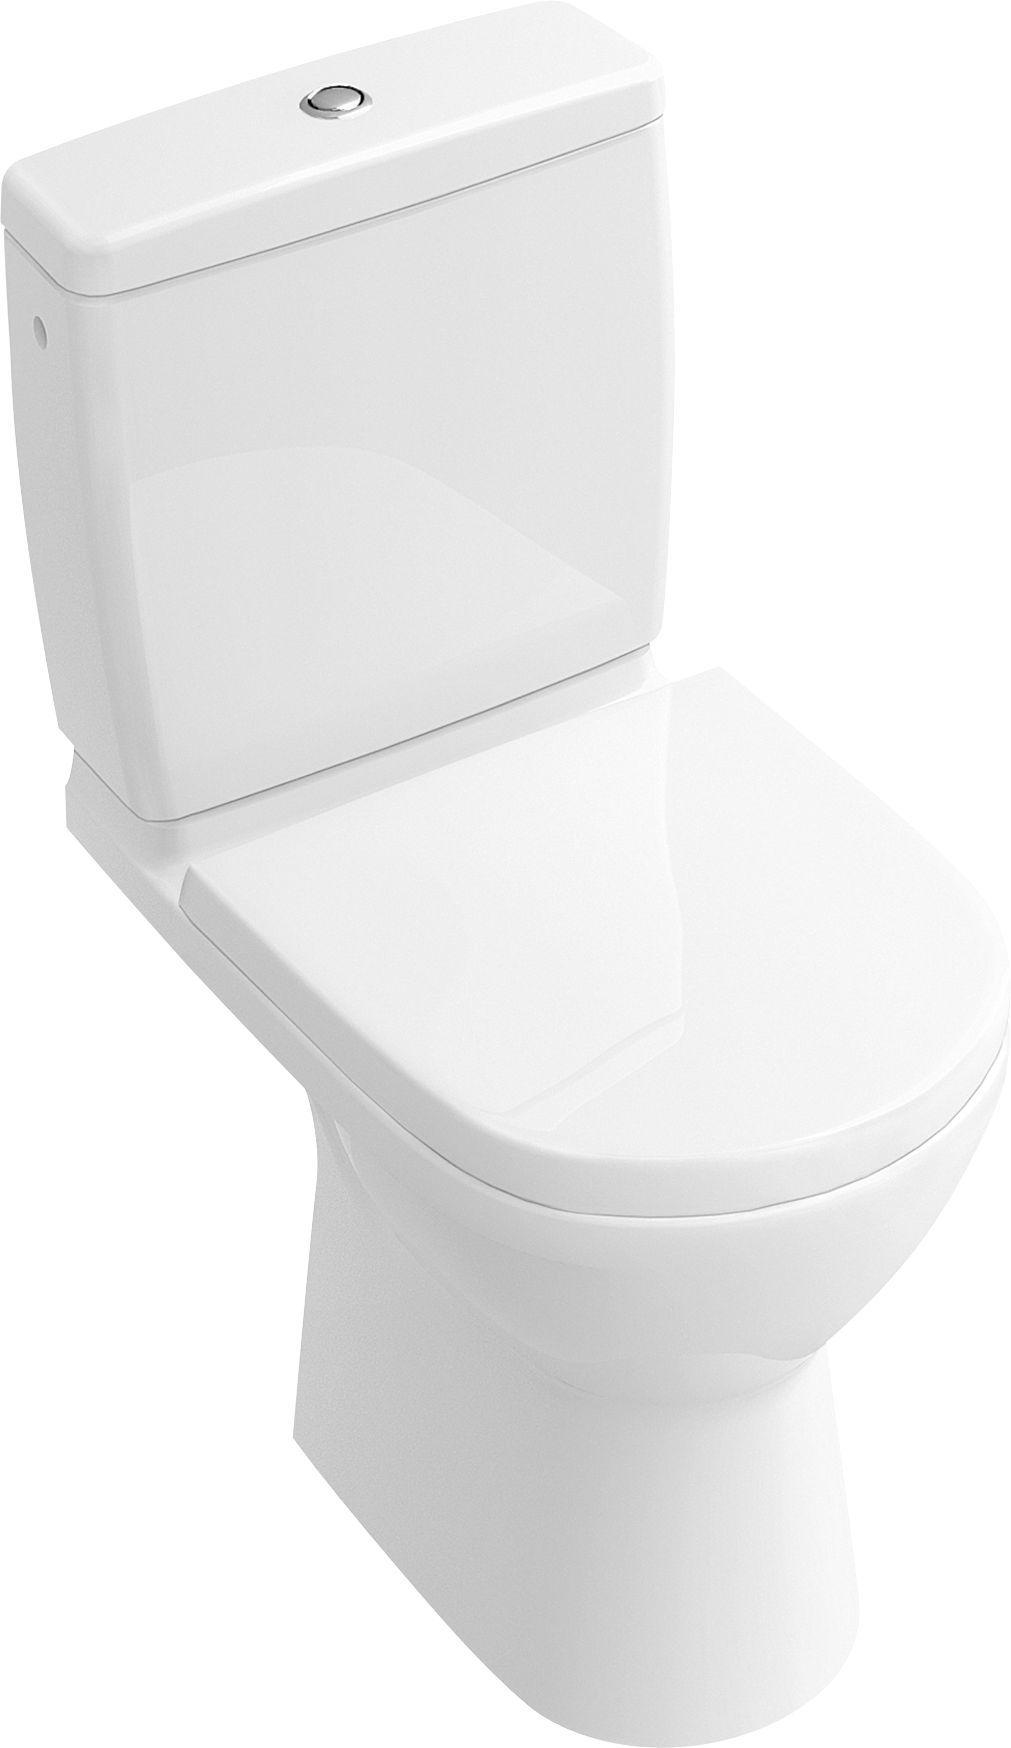 Villeroy & Boch O.Novo Compact Stand-Tiefspül-WC für Kombination L:61xB:36cm DirectFlush mit offenem Spülrand weiß 5689R001